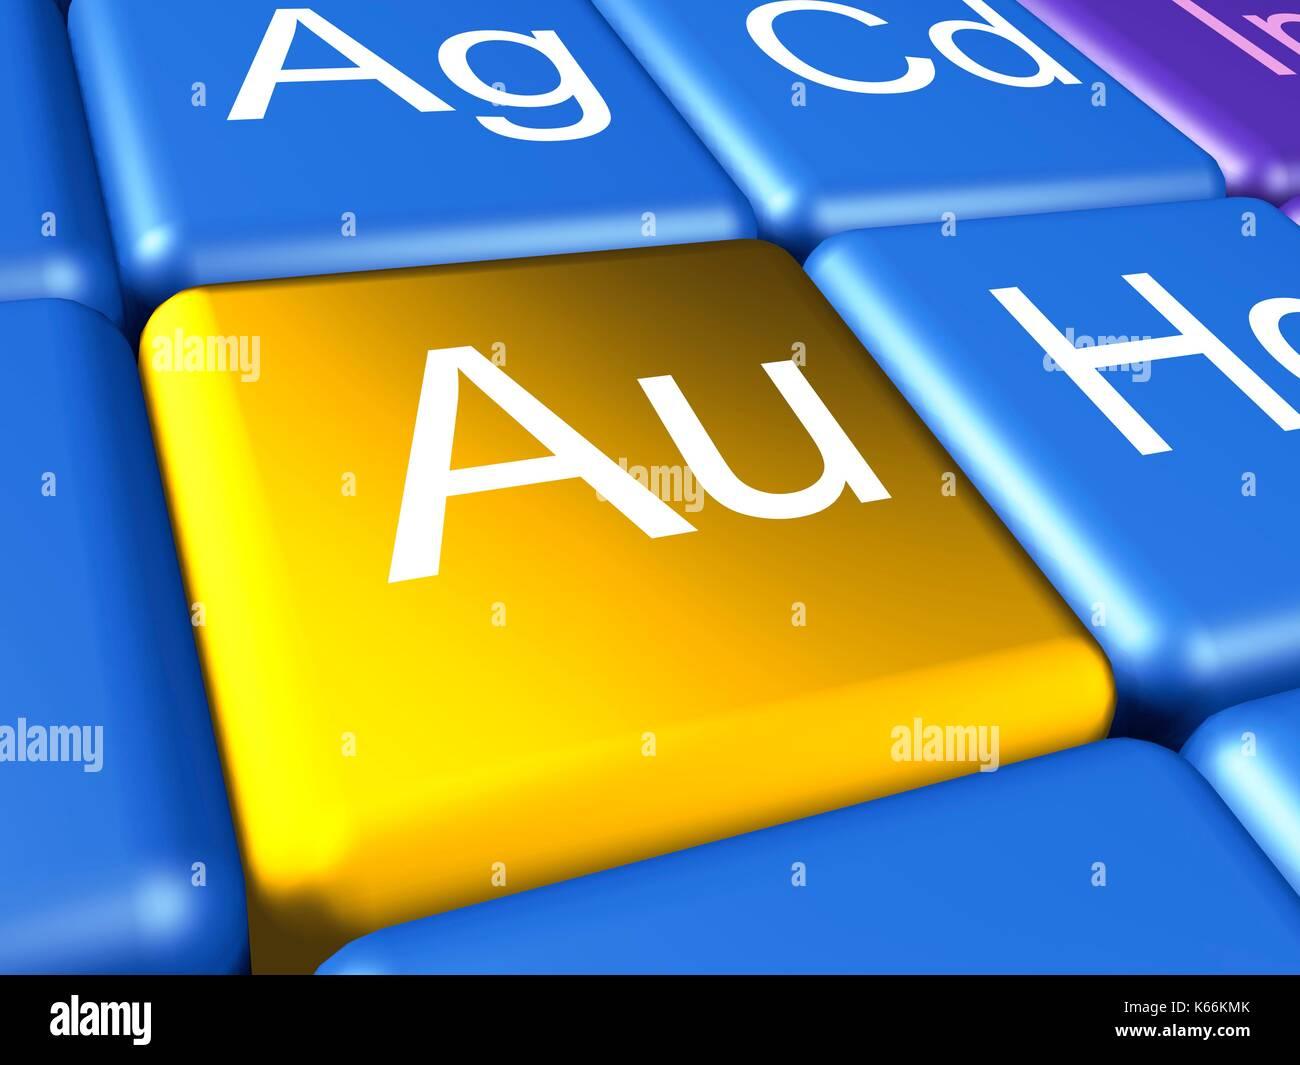 Obra de arte de un ordenador cerca de la tabla peridica se centr obra de arte de un ordenador cerca de la tabla peridica se centr en el elemento qumico oro auaurum urtaz Image collections